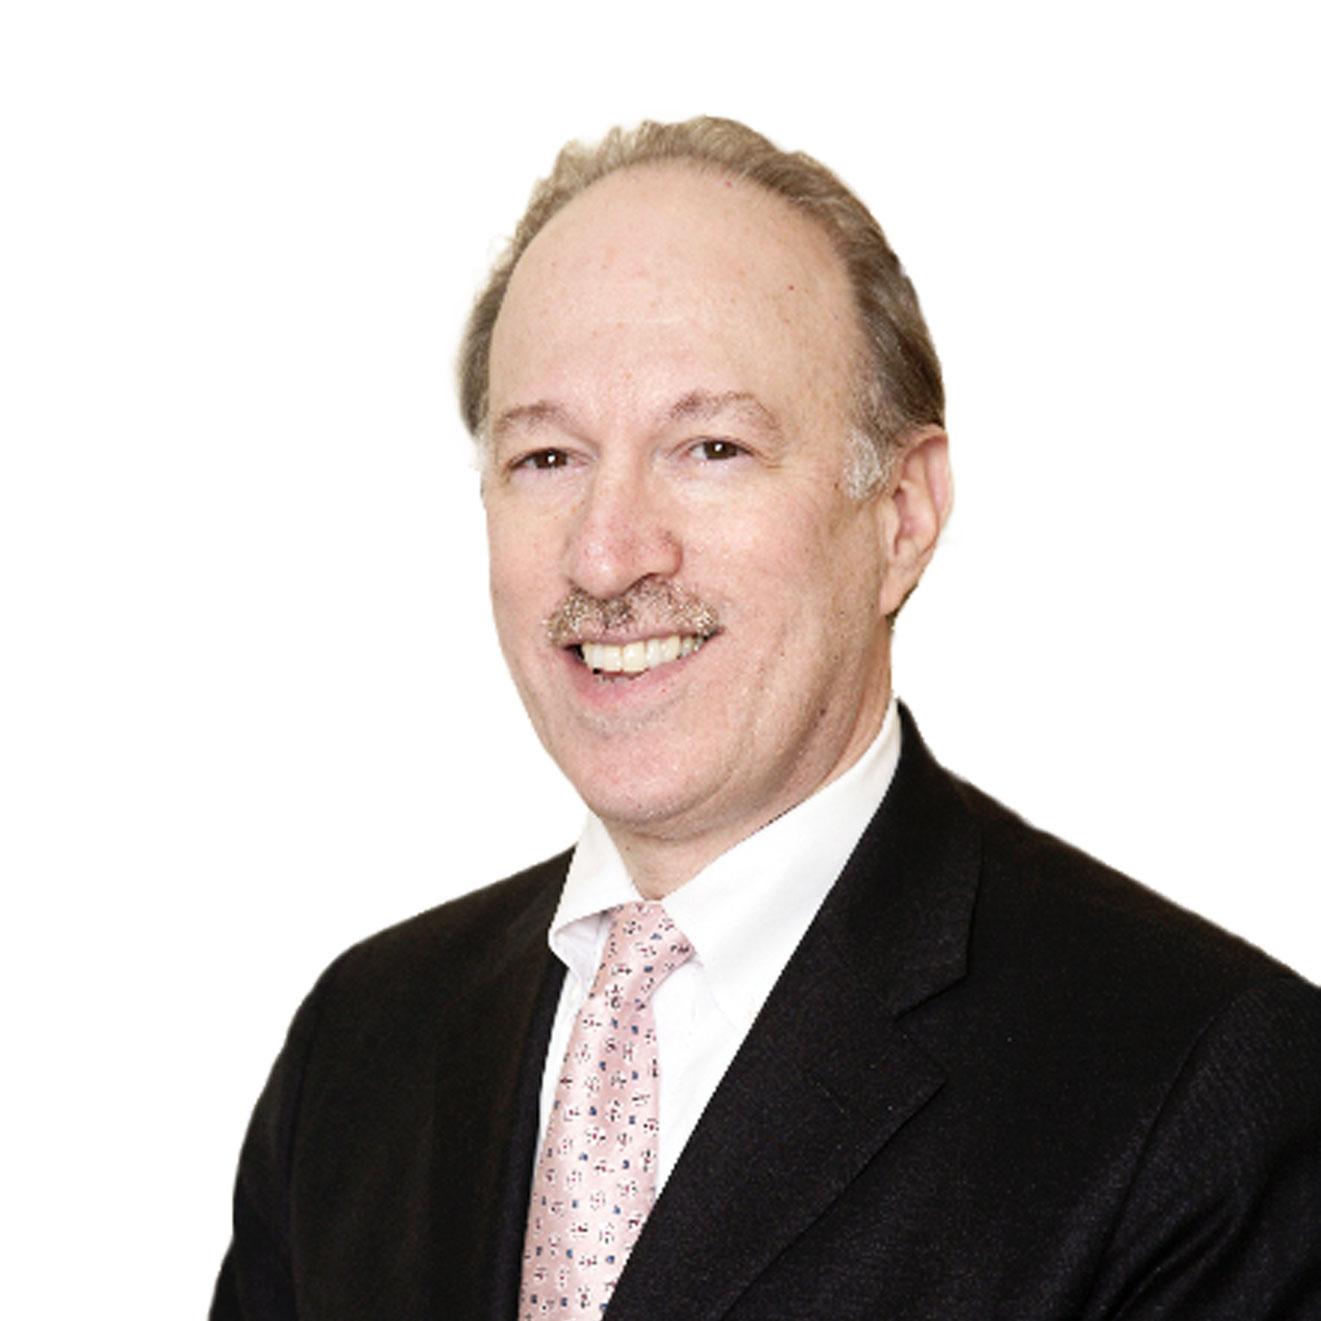 Dr. Eric C. Rackow